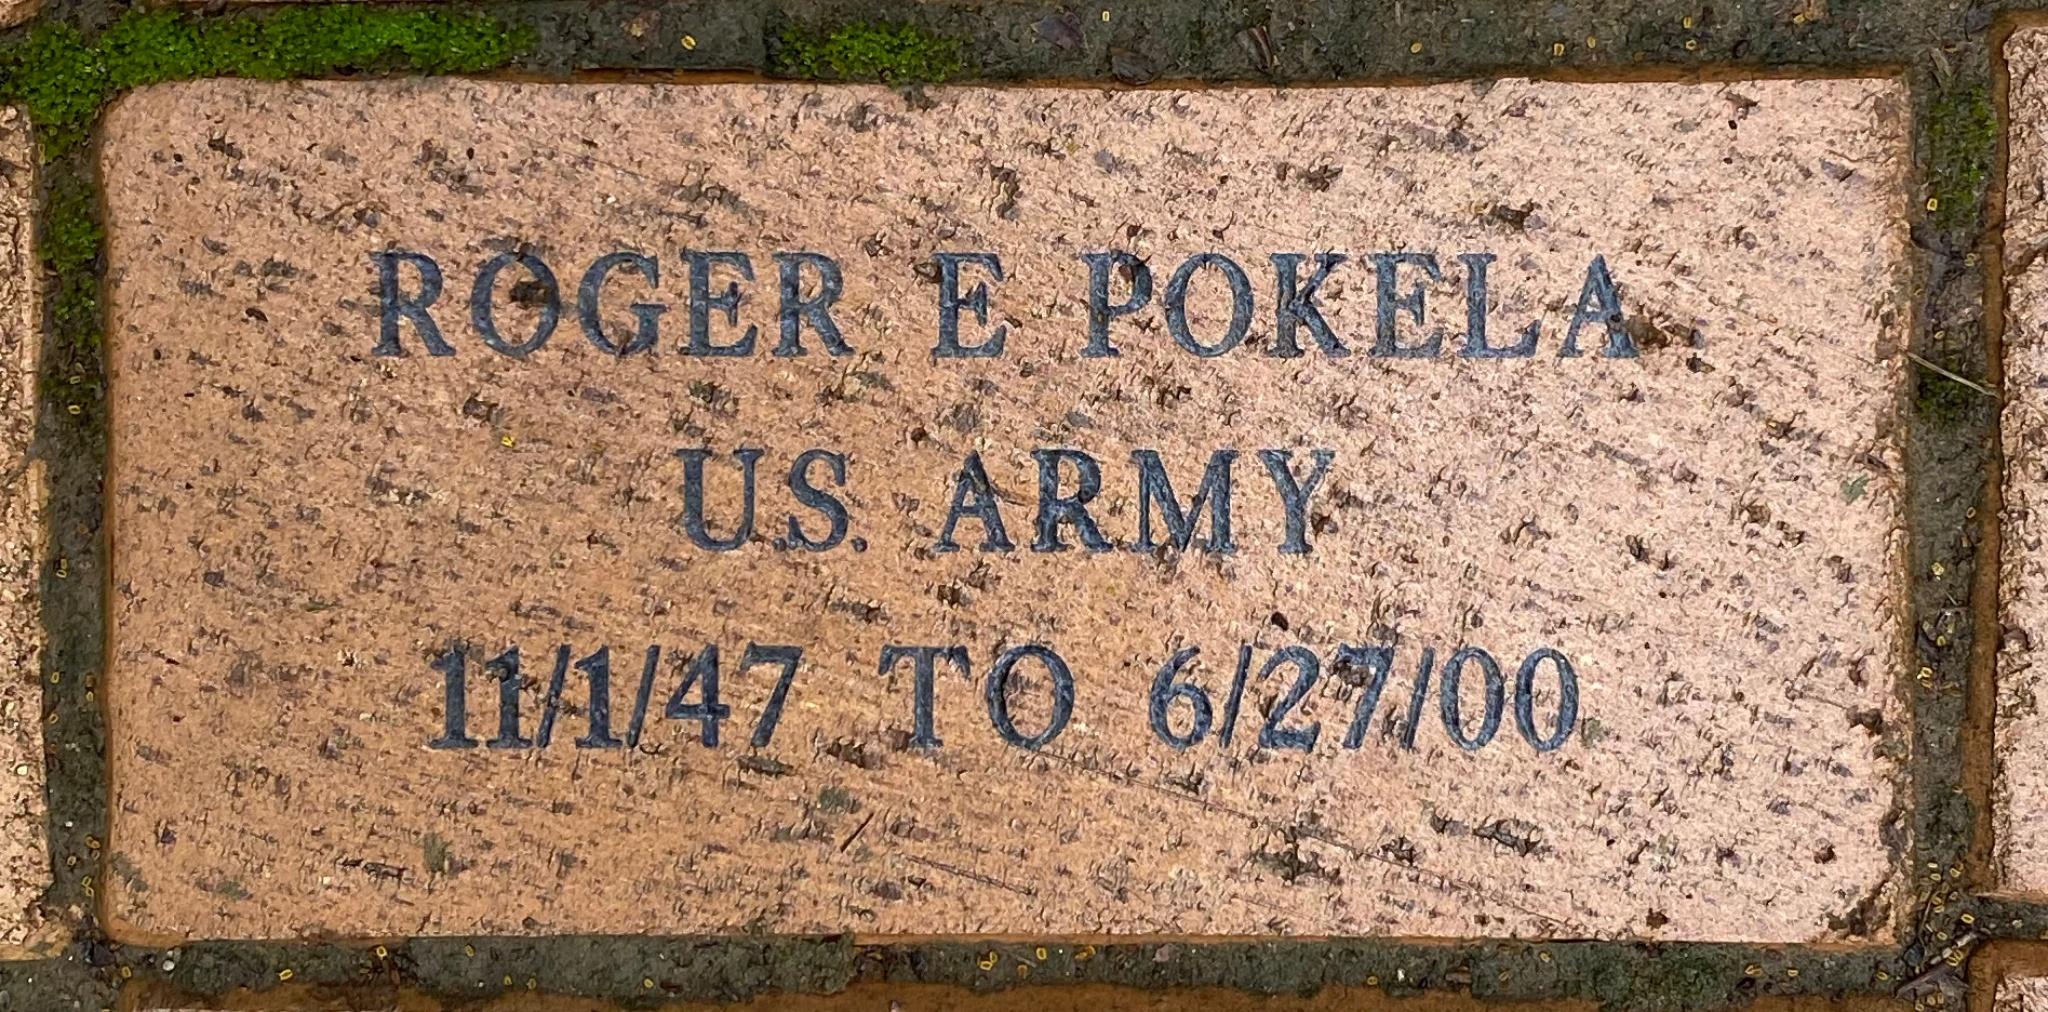 ROGER E POKELA U.S. ARMY 11/1/47 TO 6/27/00